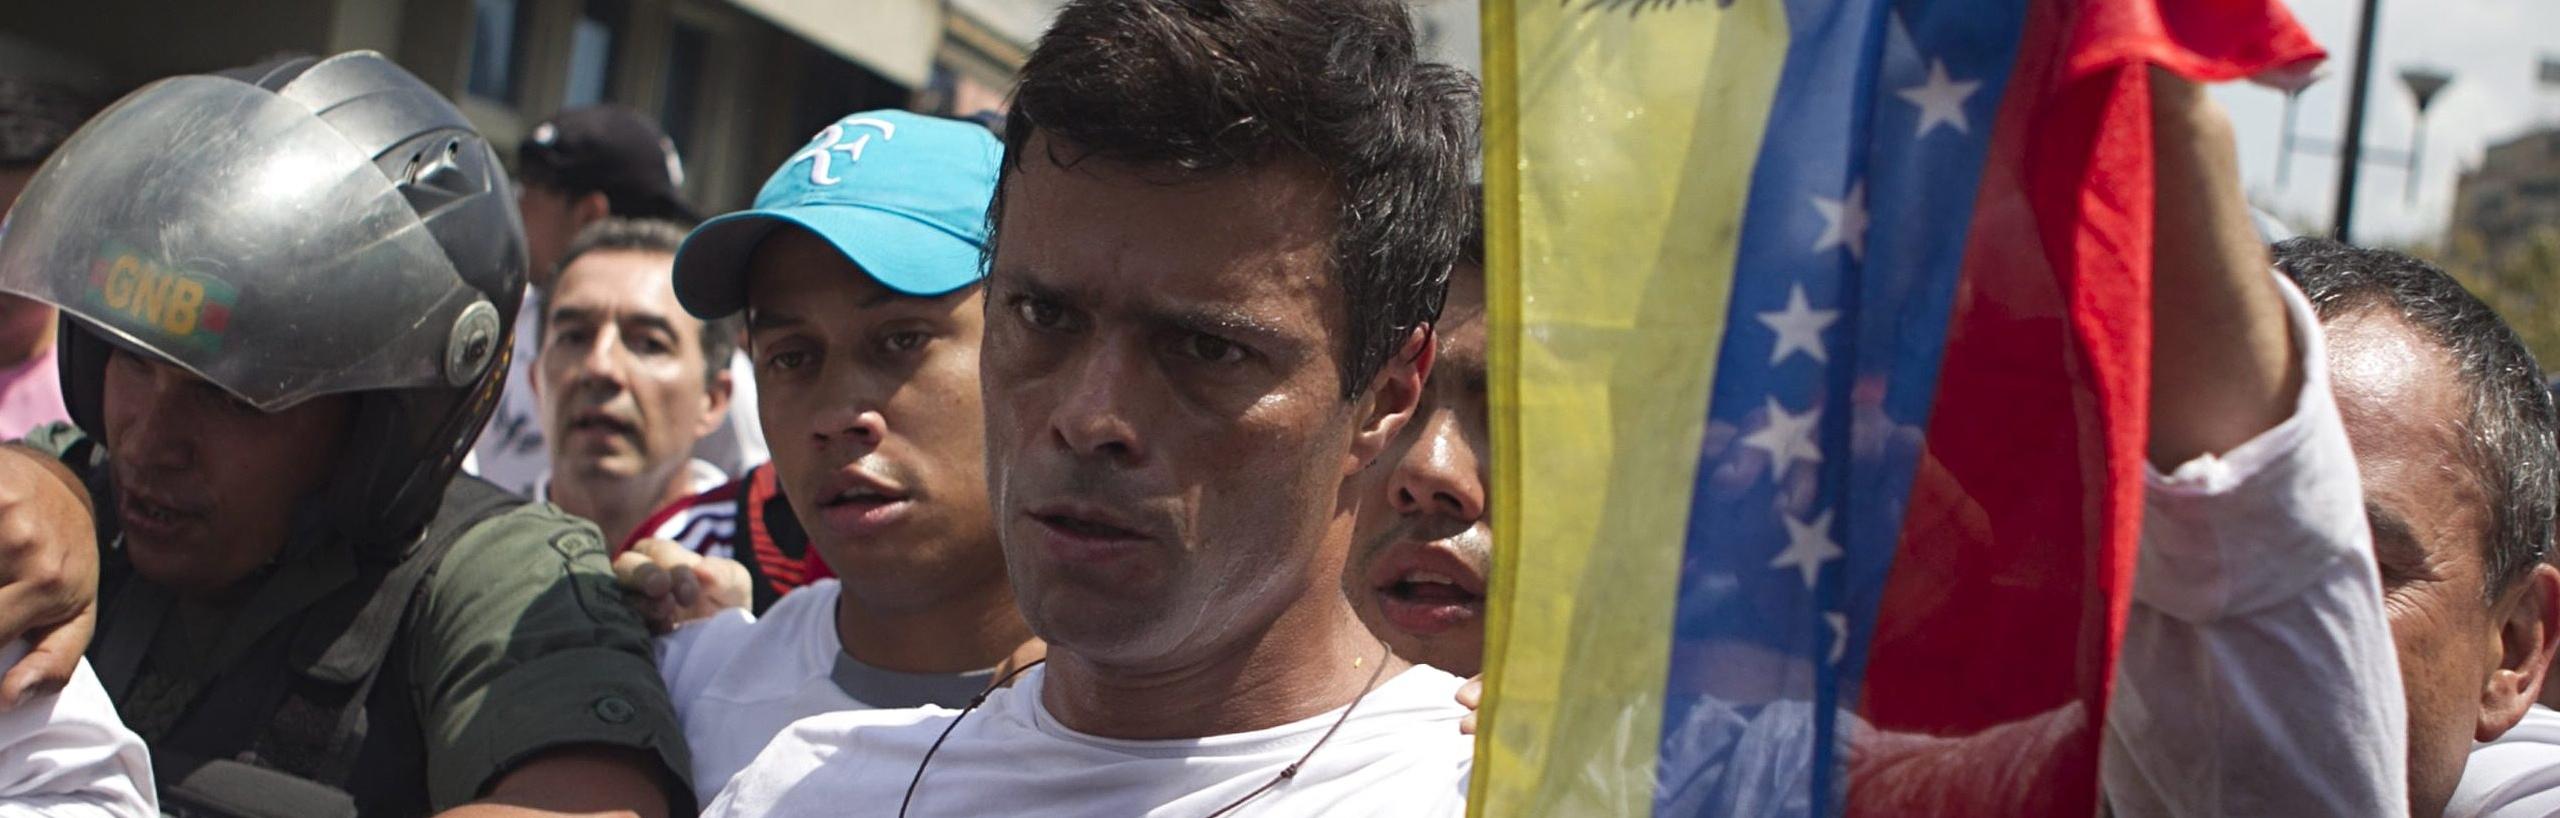 Leopoldo Lopéz. Líder oposicionista do governo ditatorial de Maduro na Venezuela. Atualmente é prisioneiro político do bolivarianismo.